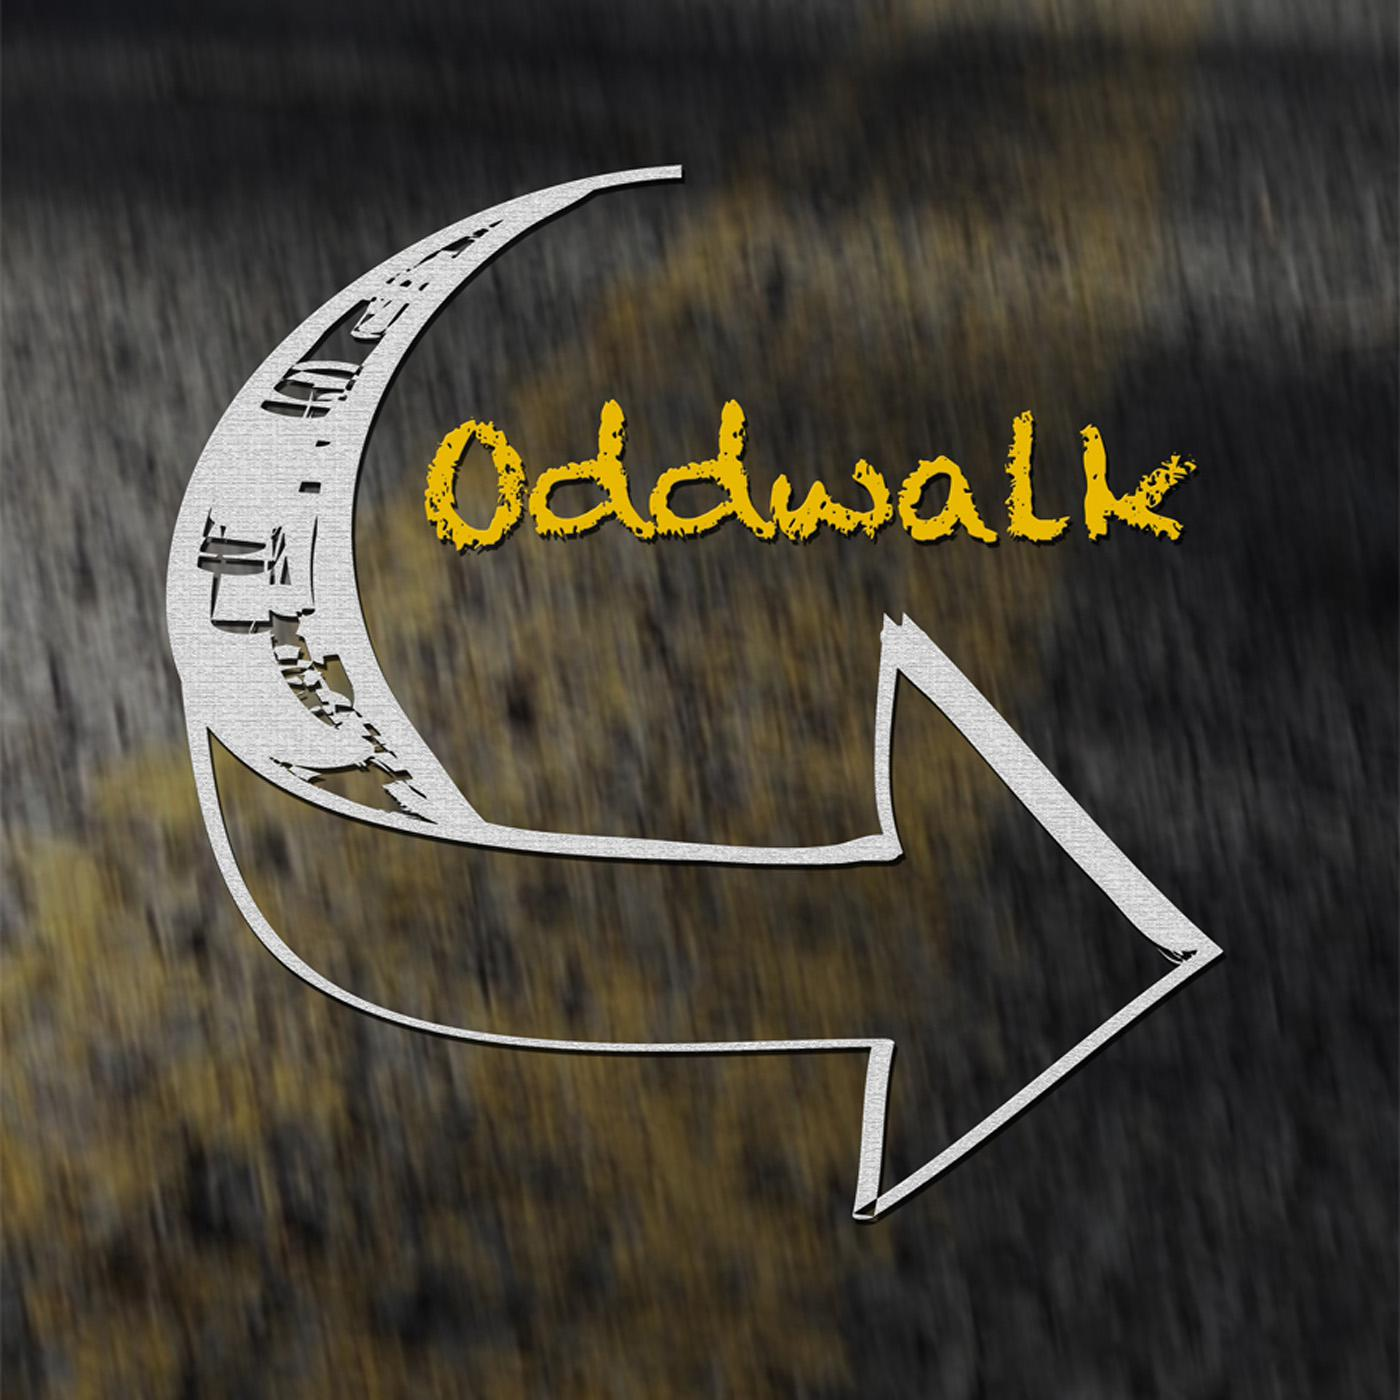 Oddwalk pOddcast 2 0 (podcast) - Oddwalk Ministries | Listen